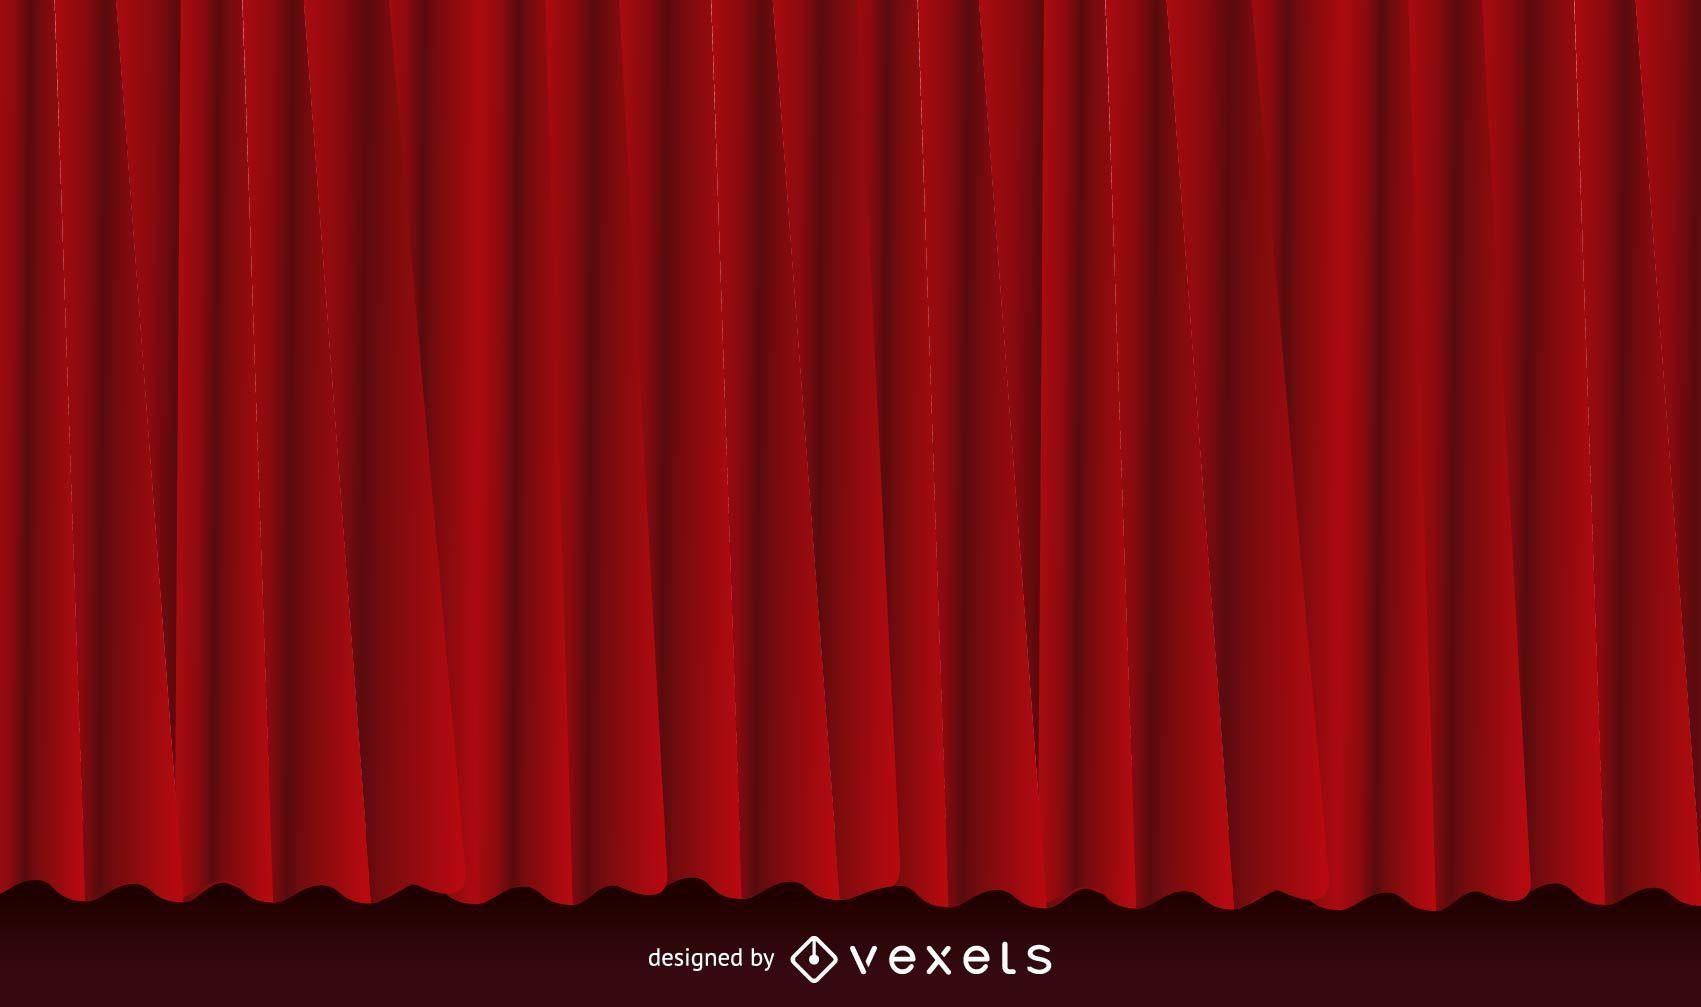 Fundo de cortina vermelha realista